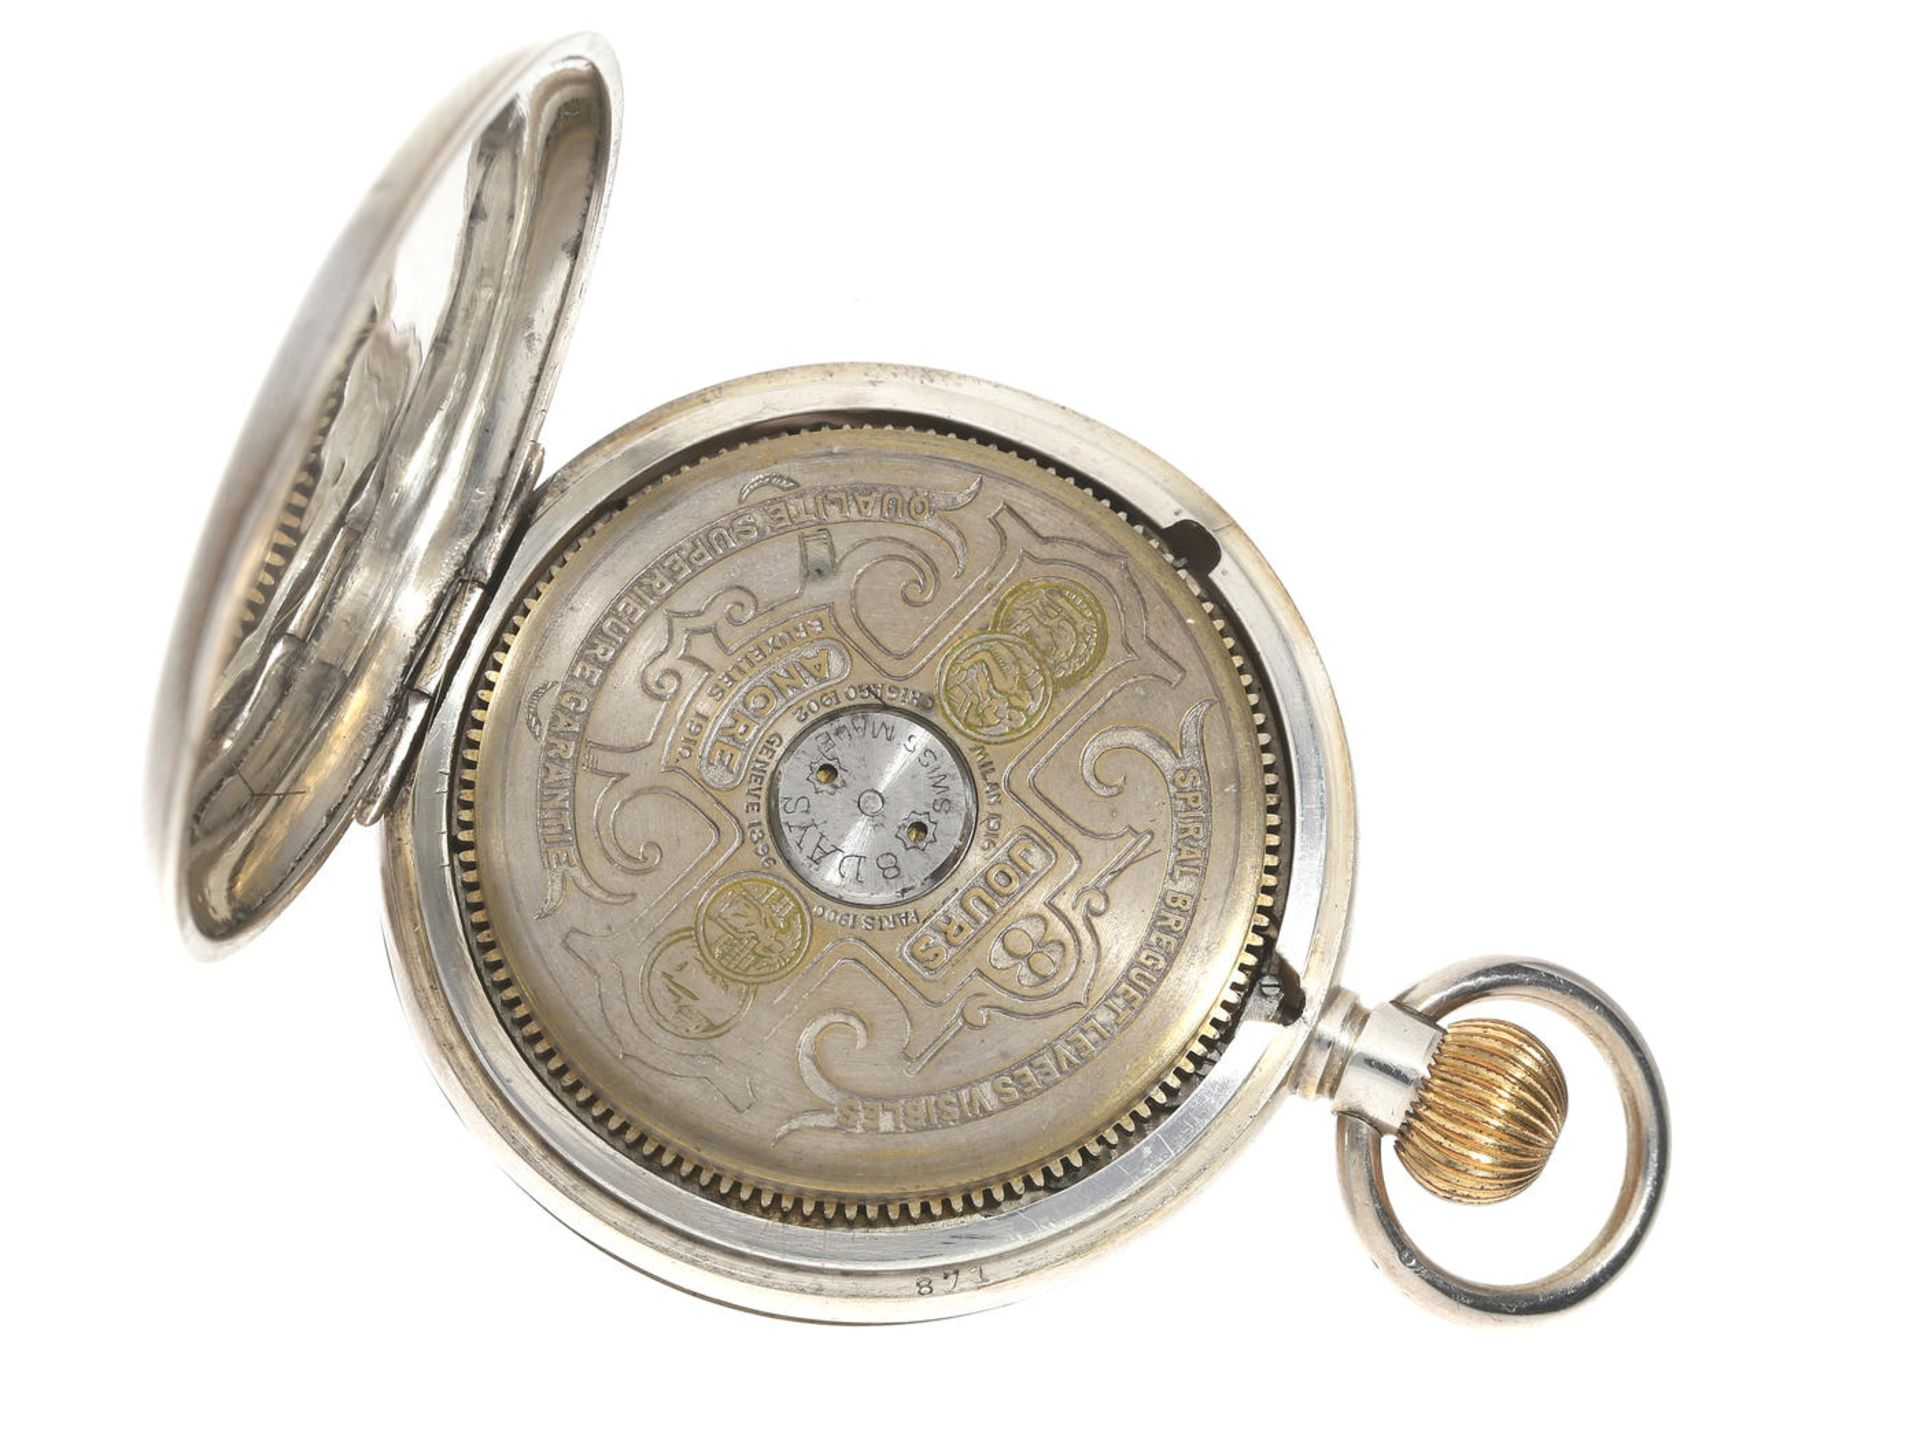 Taschenuhr: Hebdomas 8-Tage-Taschenuhr, um 1920 Ca. Ø48mm, ca. 84g, guillochiertes Silbergehäuse, - Bild 2 aus 3